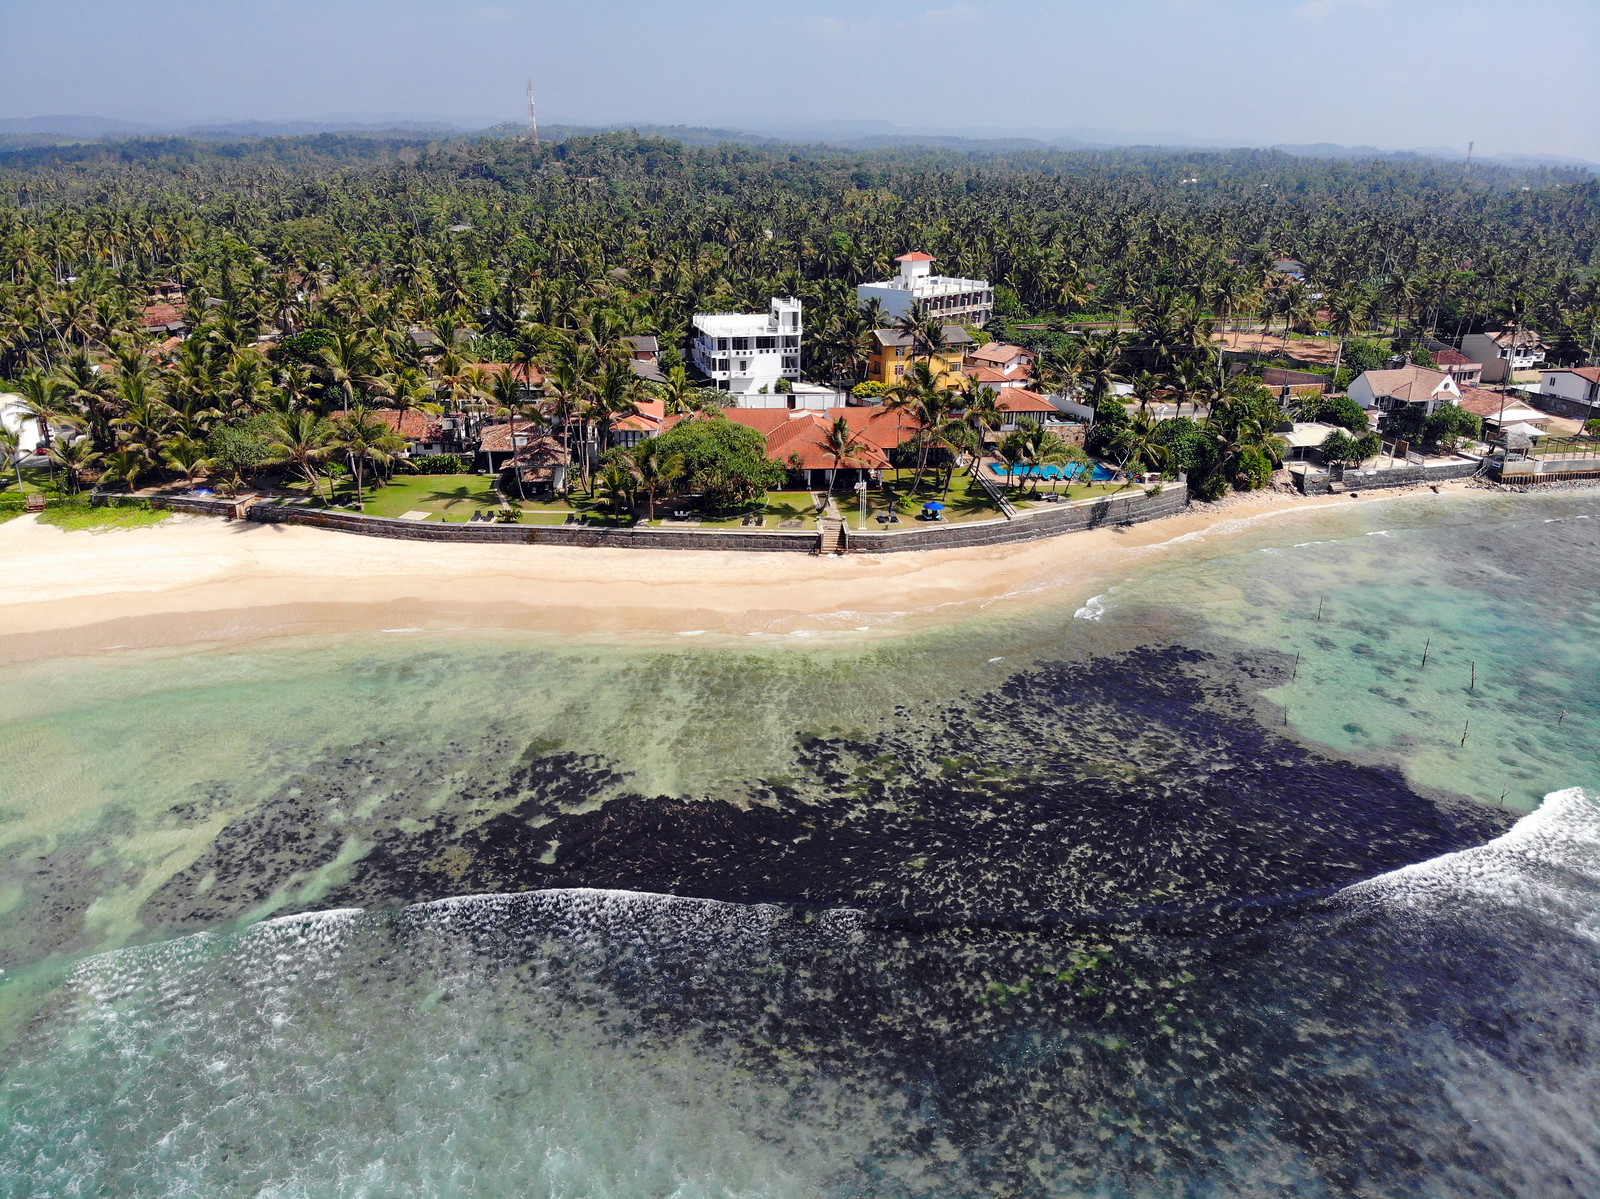 Qué hacer en Unawatuna, Sri Lanka qué hacer en unawatuna - 47083348312 98c37be18d h - Qué hacer en Unawatuna, el paraíso de Sri Lanka